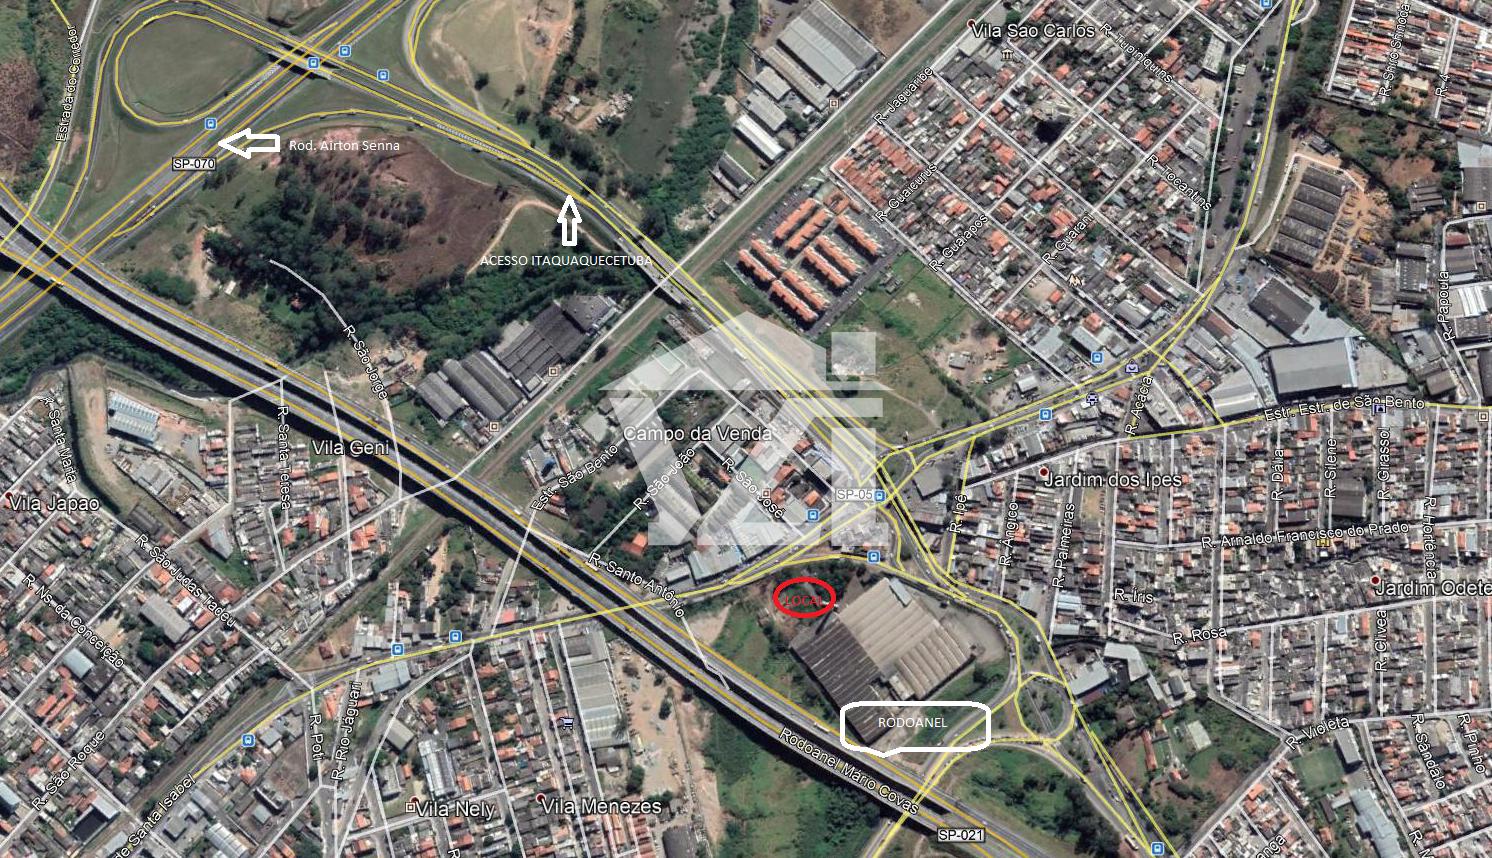 OPORTUNIDADE DE INVESTIMENTO   -   R$ 1.100,00 p/m²